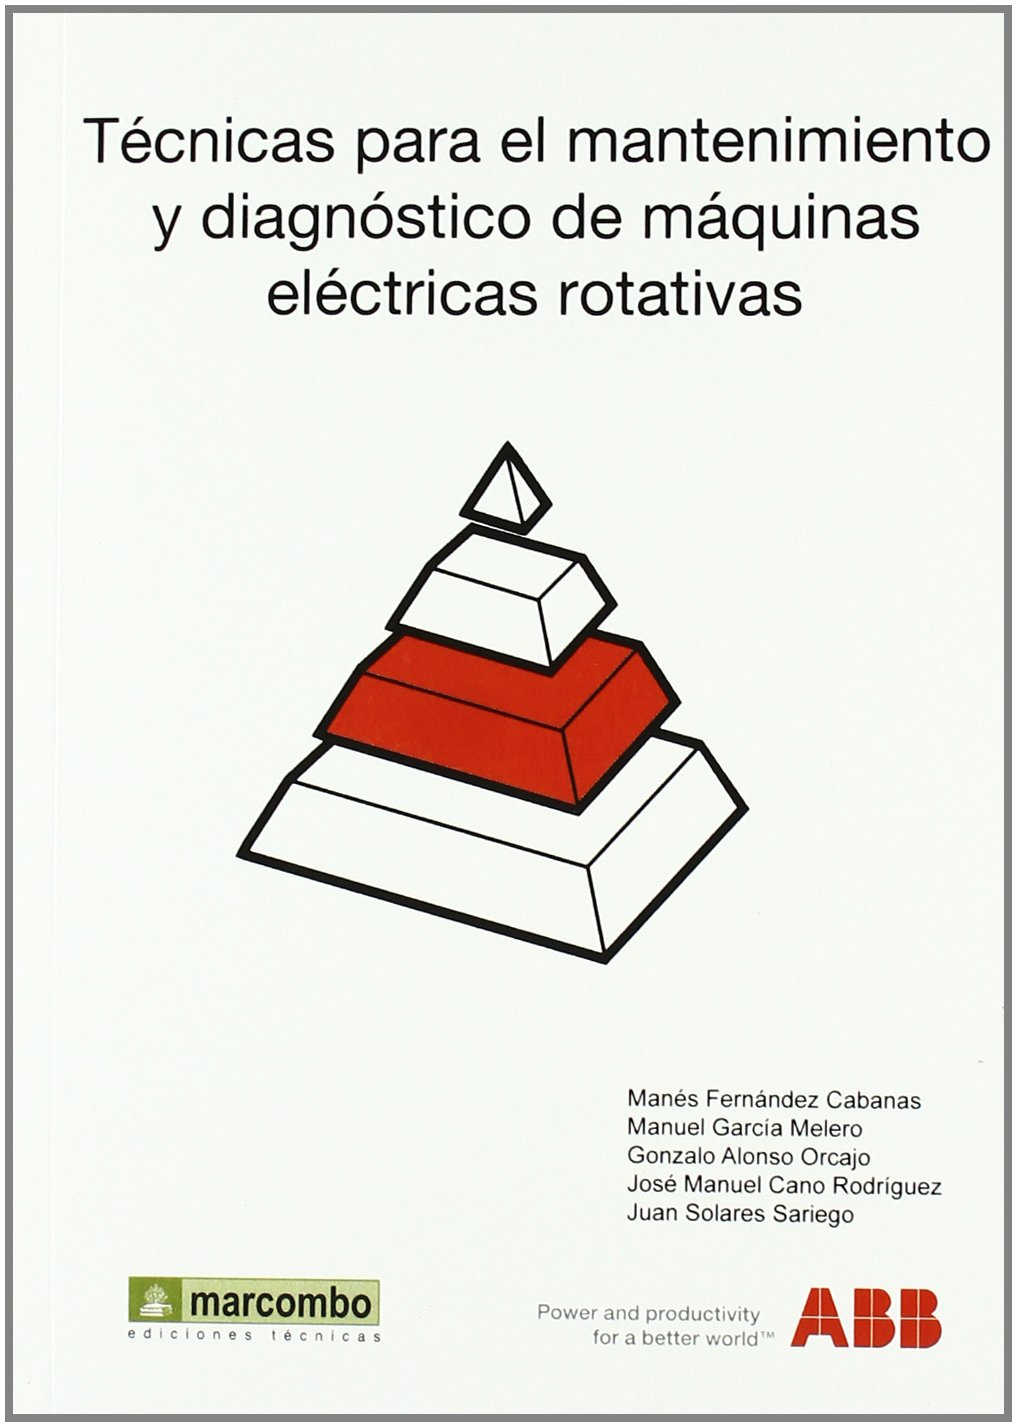 Técnicas para el mantenimiento y diagnóstico de máquinas eléctricas rotativas: Amazon.es: MANES FERNANDEZ CABANAS, GONZALO ALONSO ORCAJO, JOSE MANUEL CANO ...